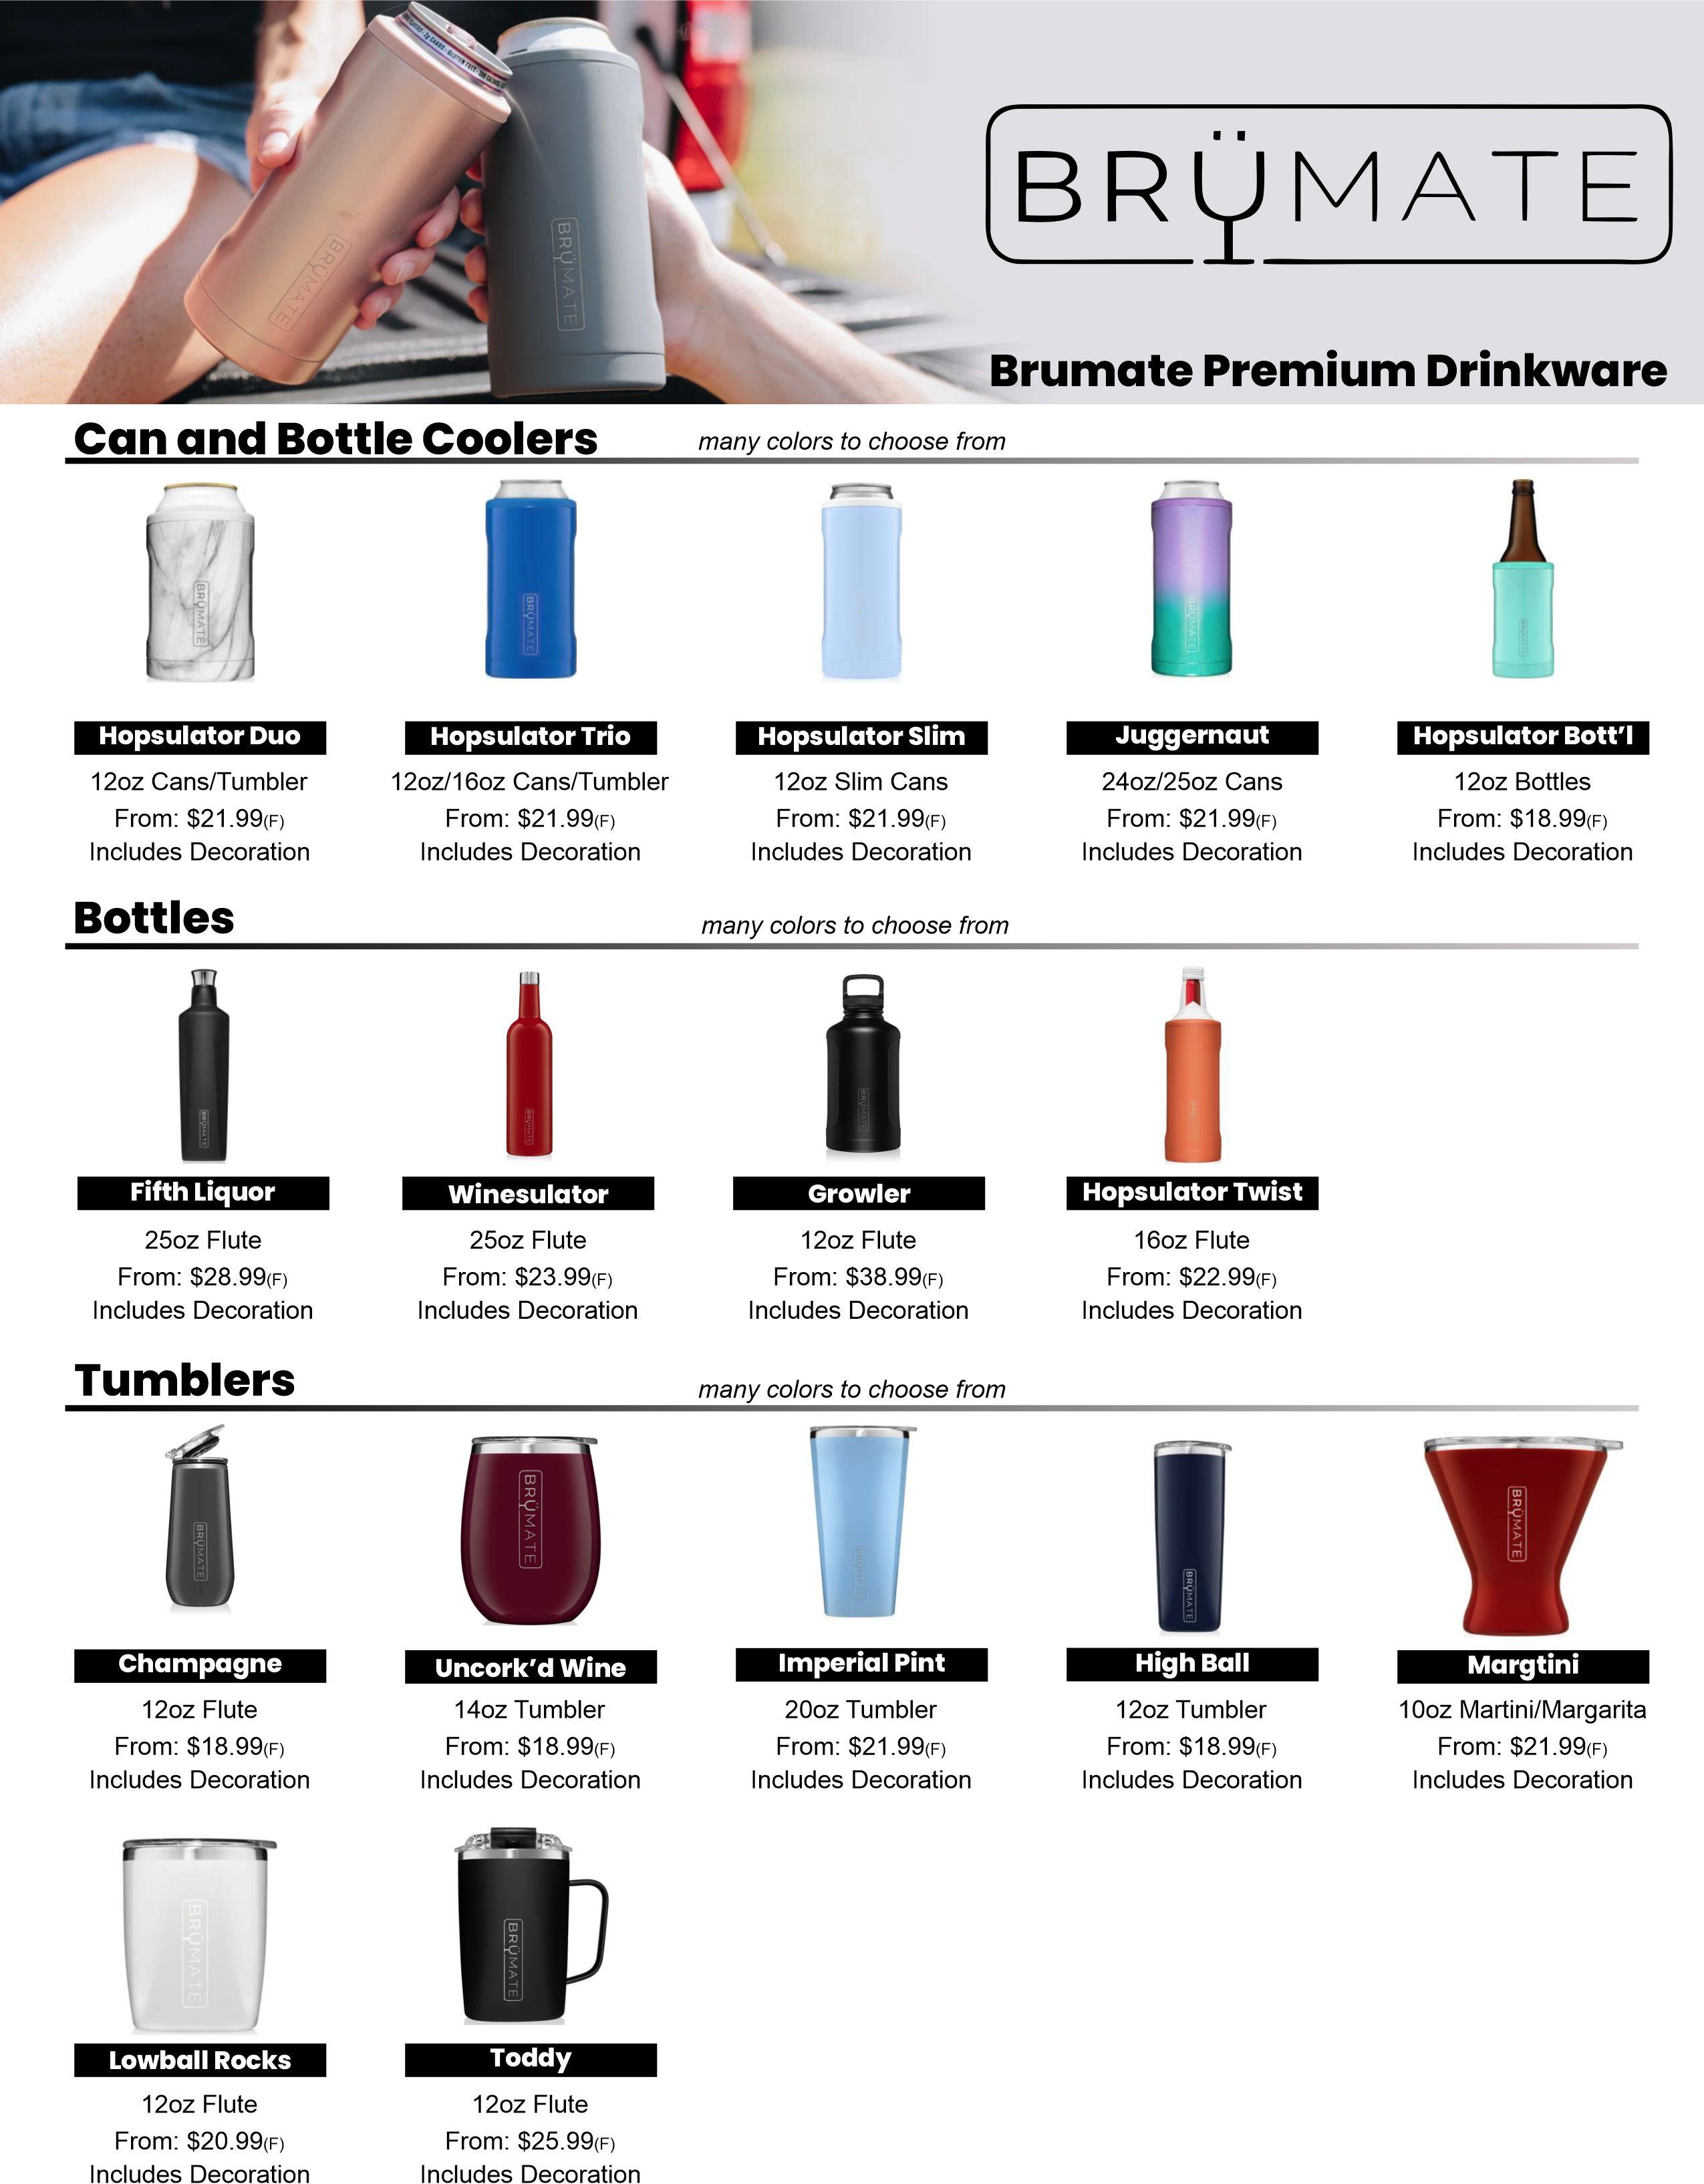 Brumate Premium Drinkware